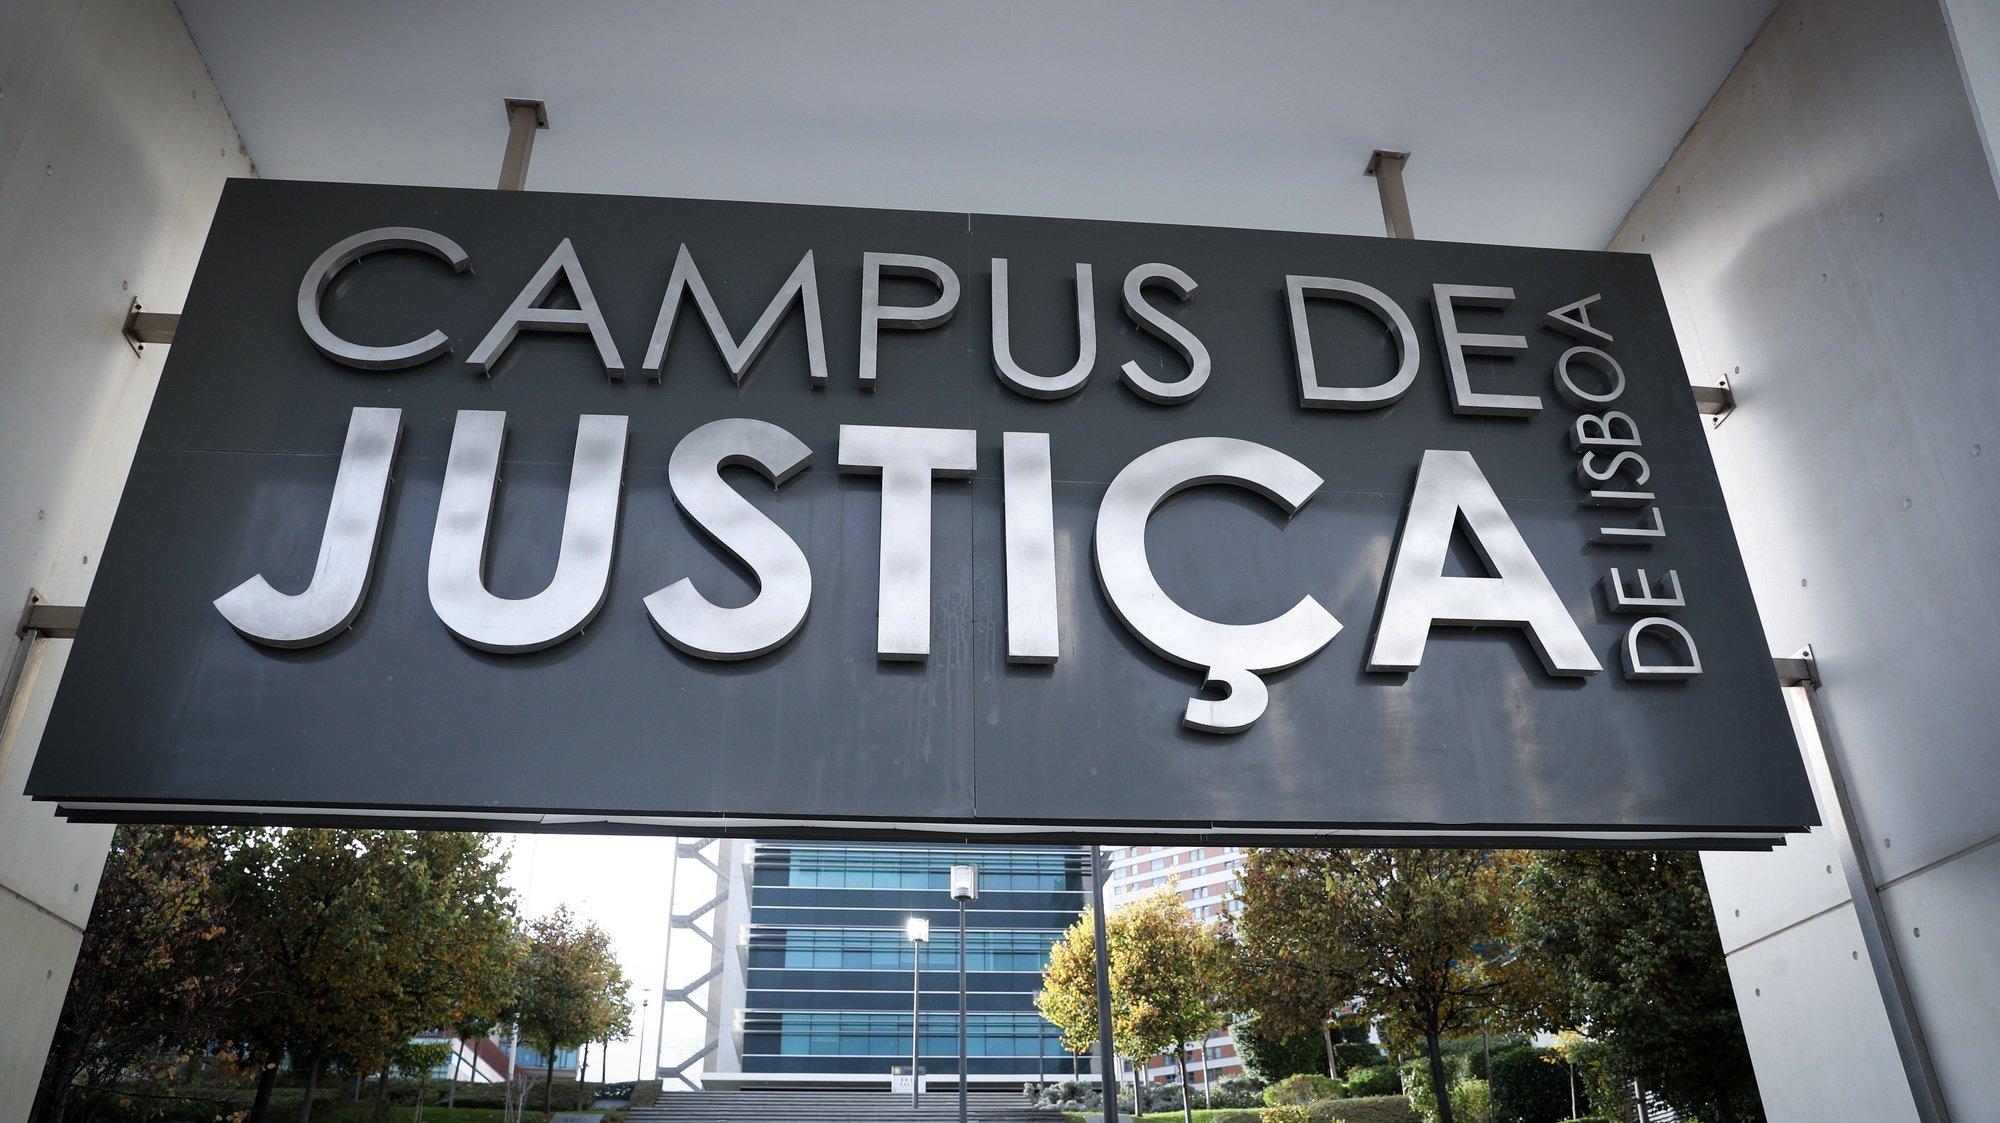 Campus de Justiça de Lisboa, 03 de novembro de 2019. ANTÓNIO COTRIM/LUSA